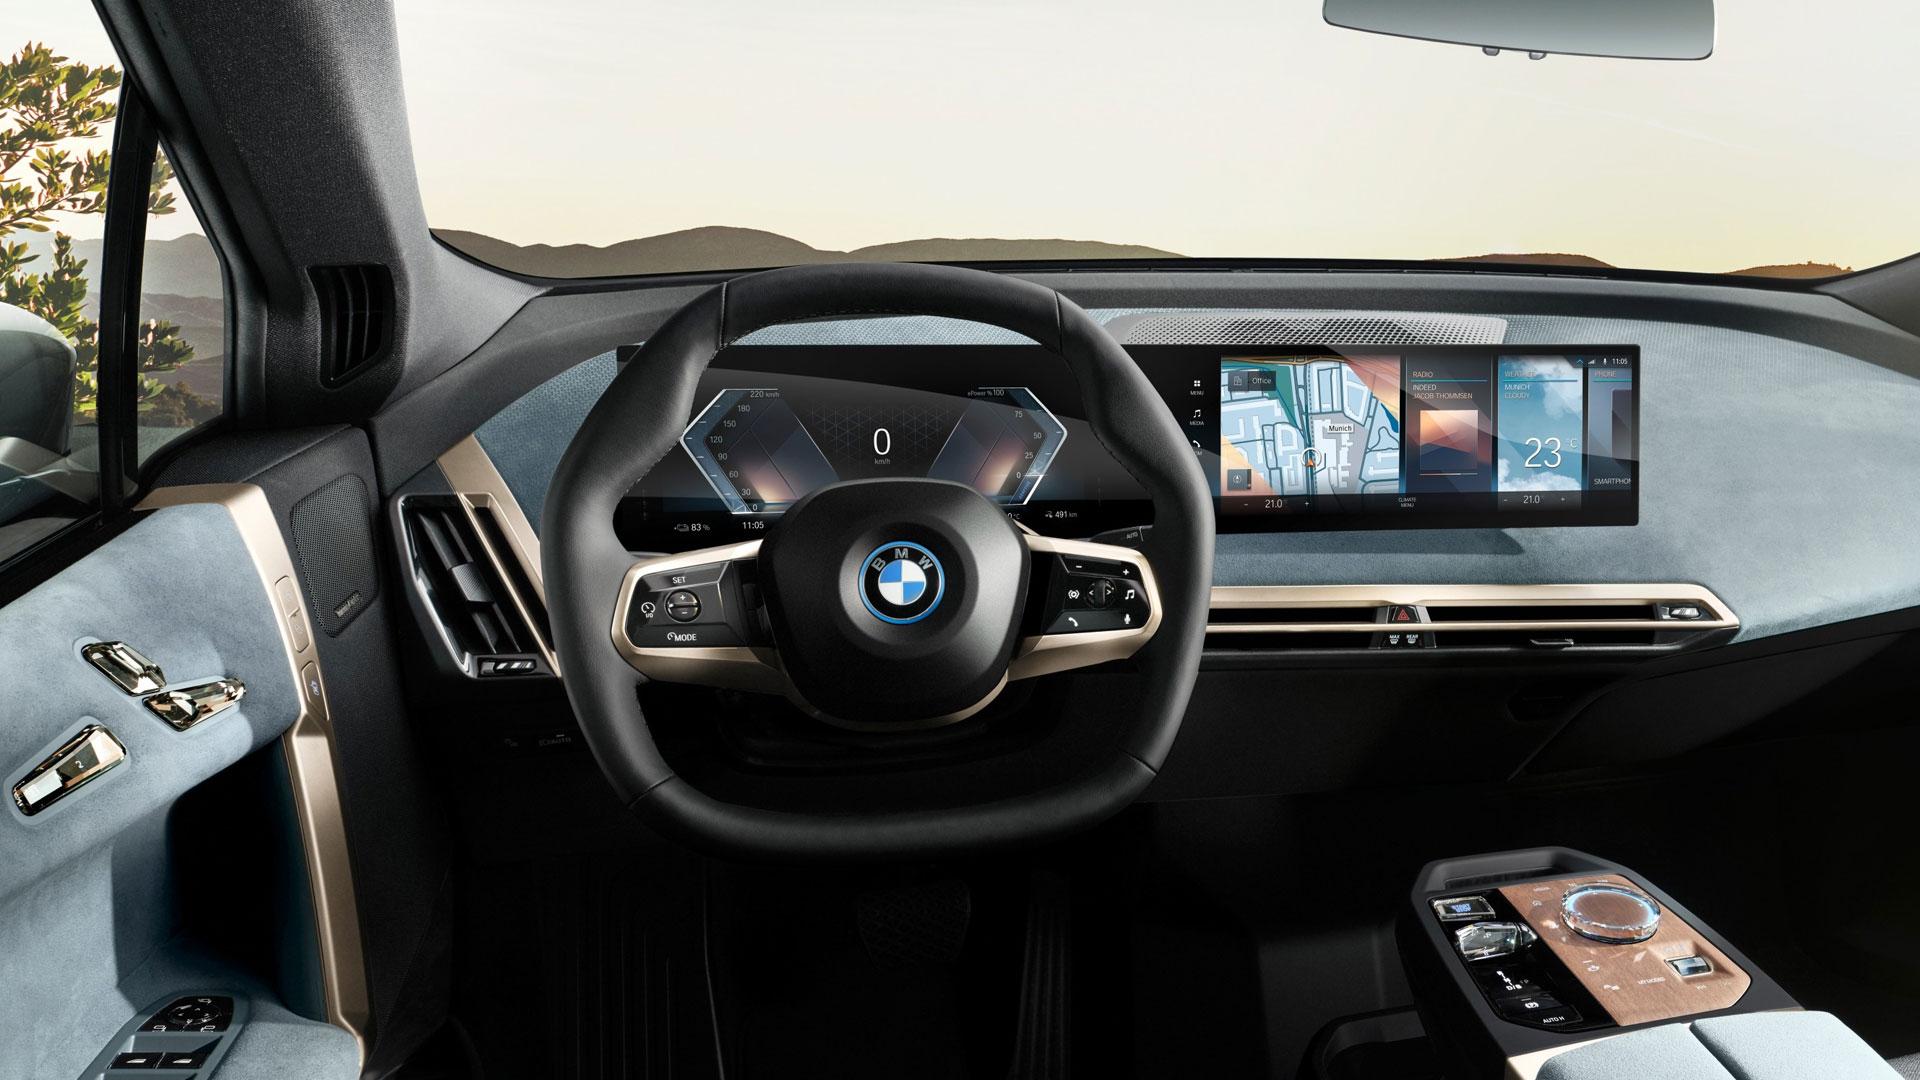 Der Innenraum des neuen Elektro-SUV BMW iX